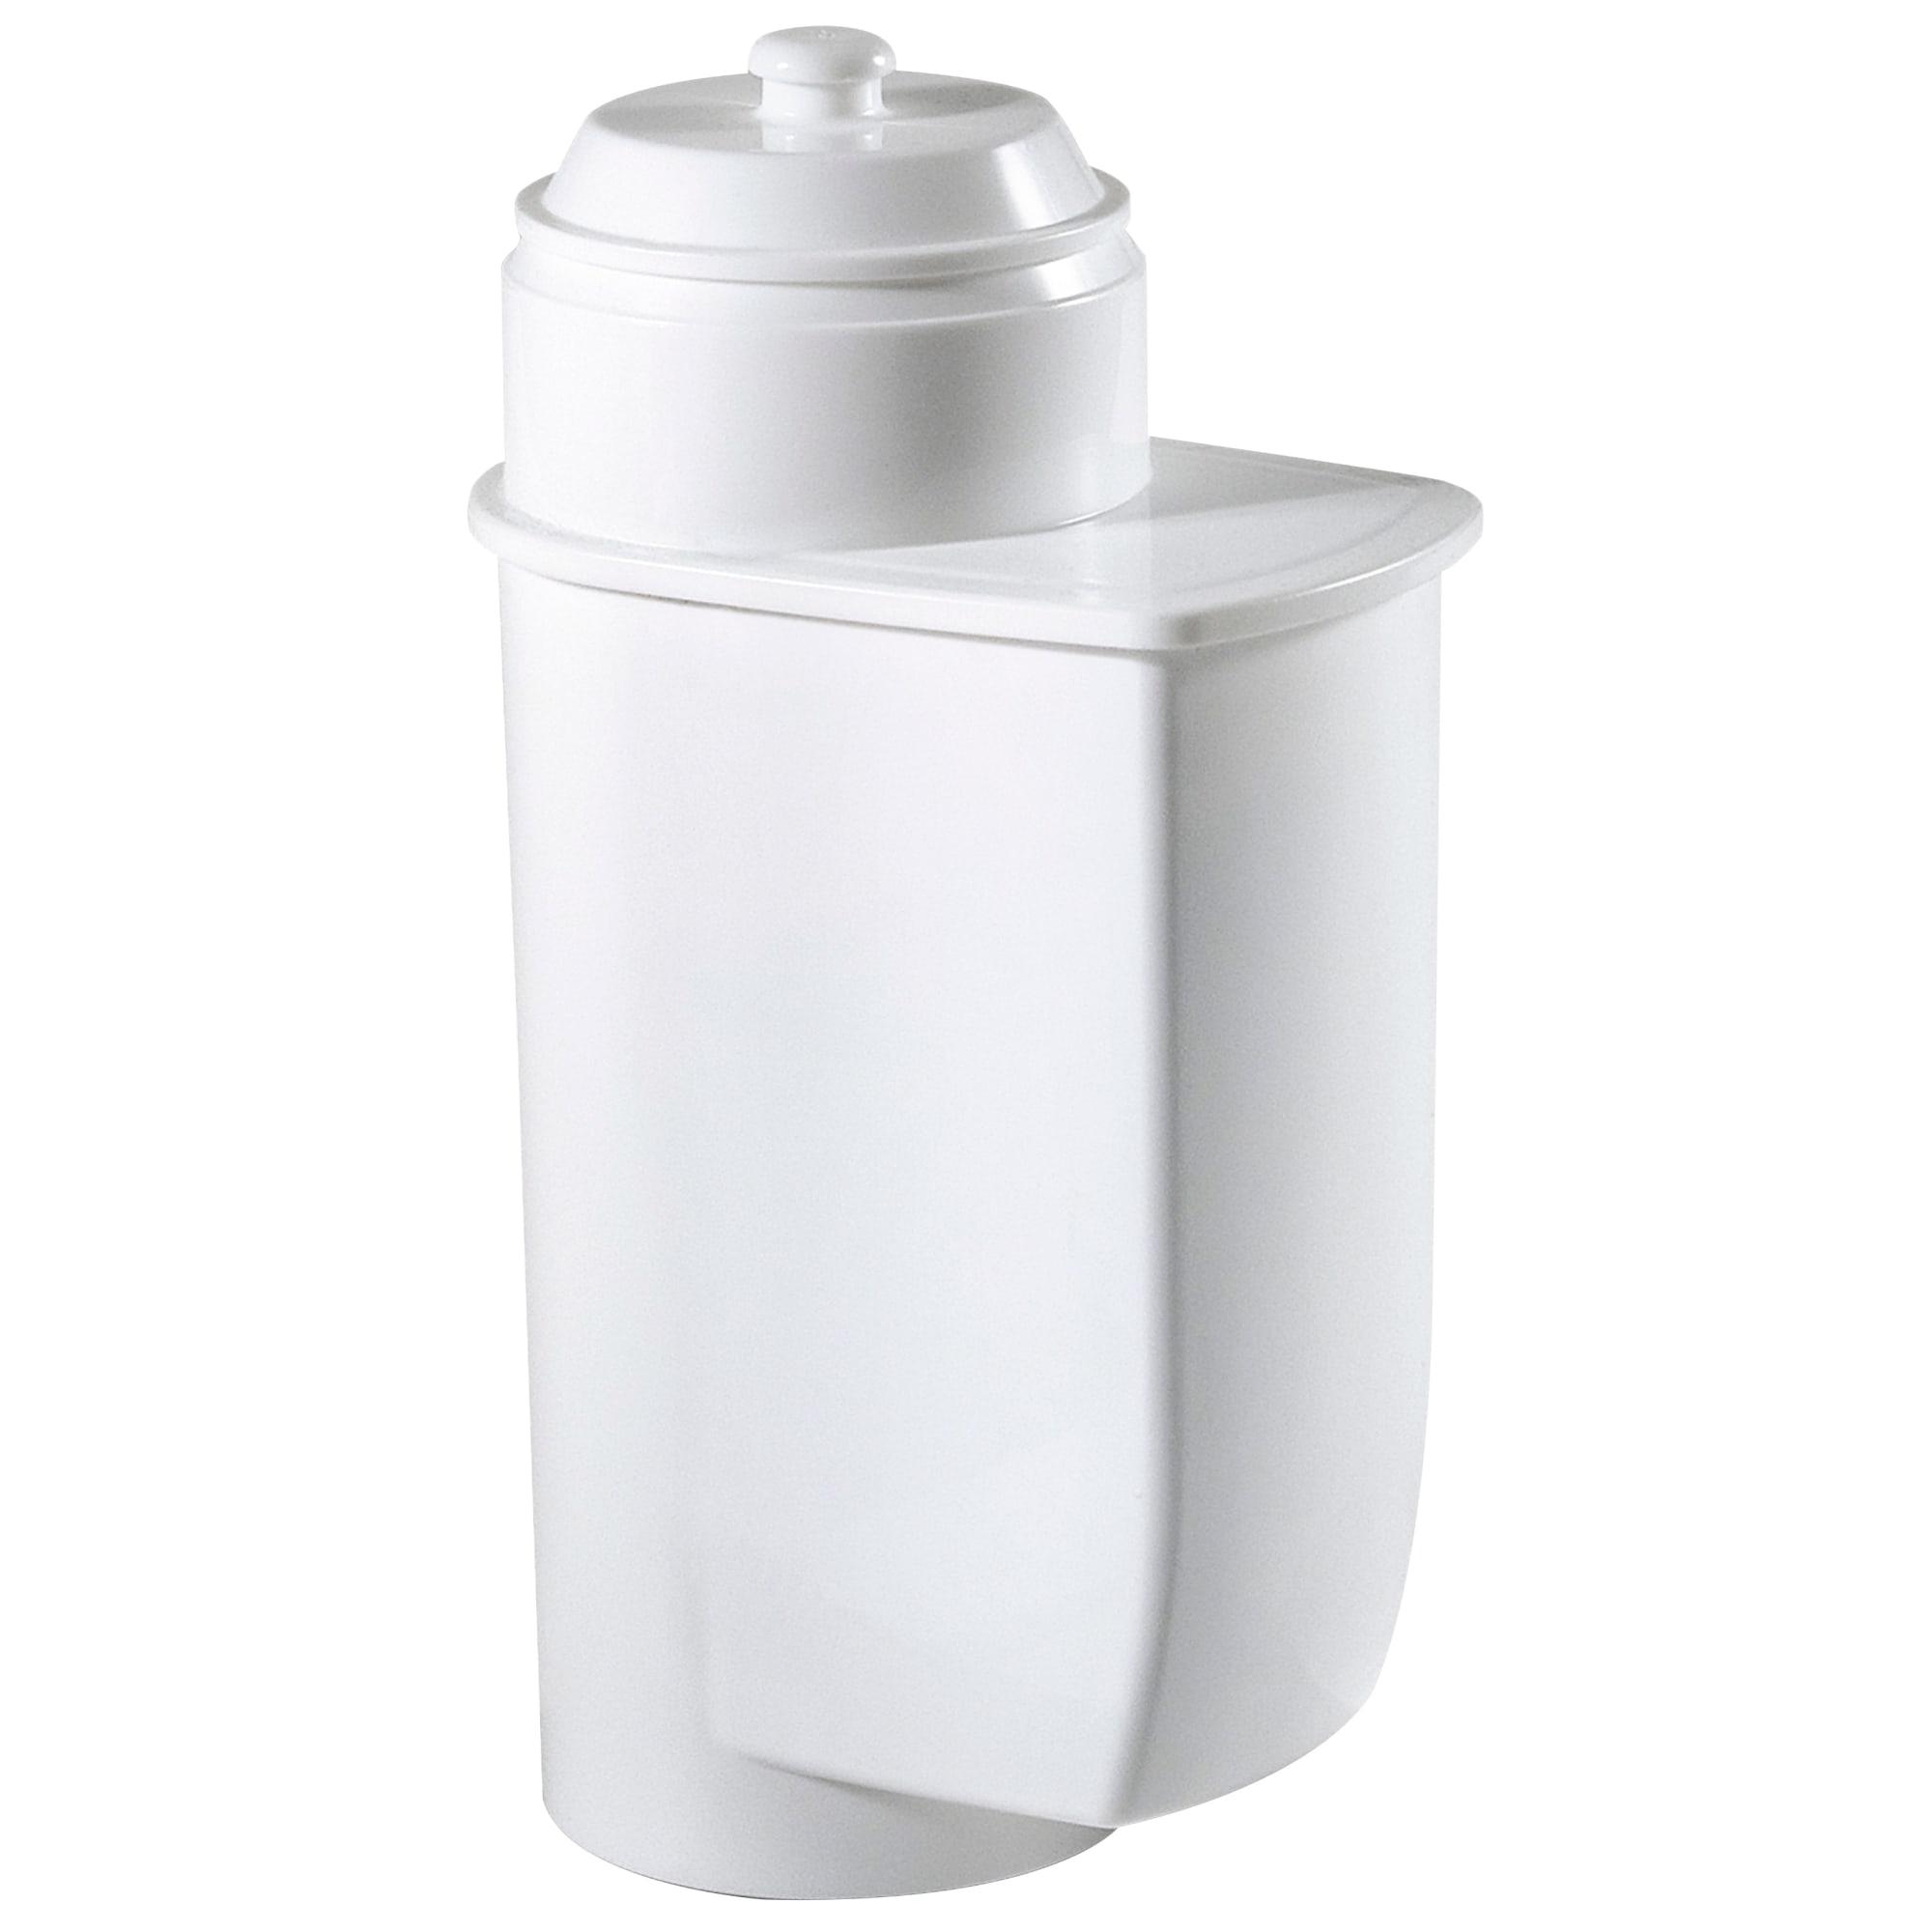 Til aromabeskyttelse og beskyttelse mod kalkaflejring